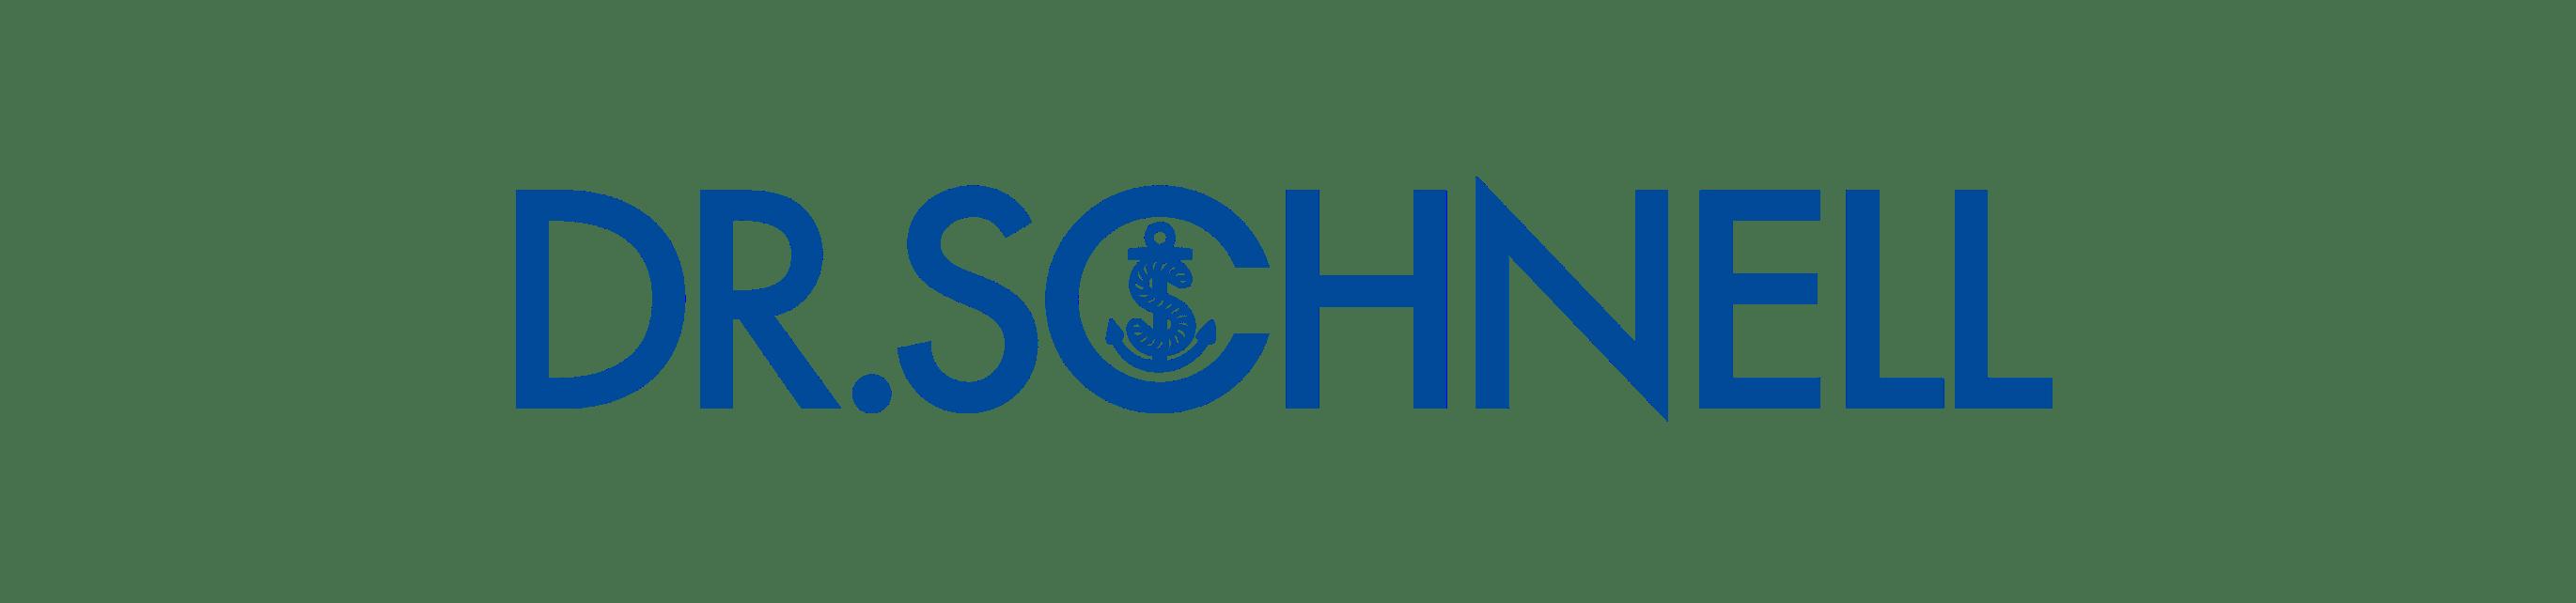 Dr. Schnell Logo